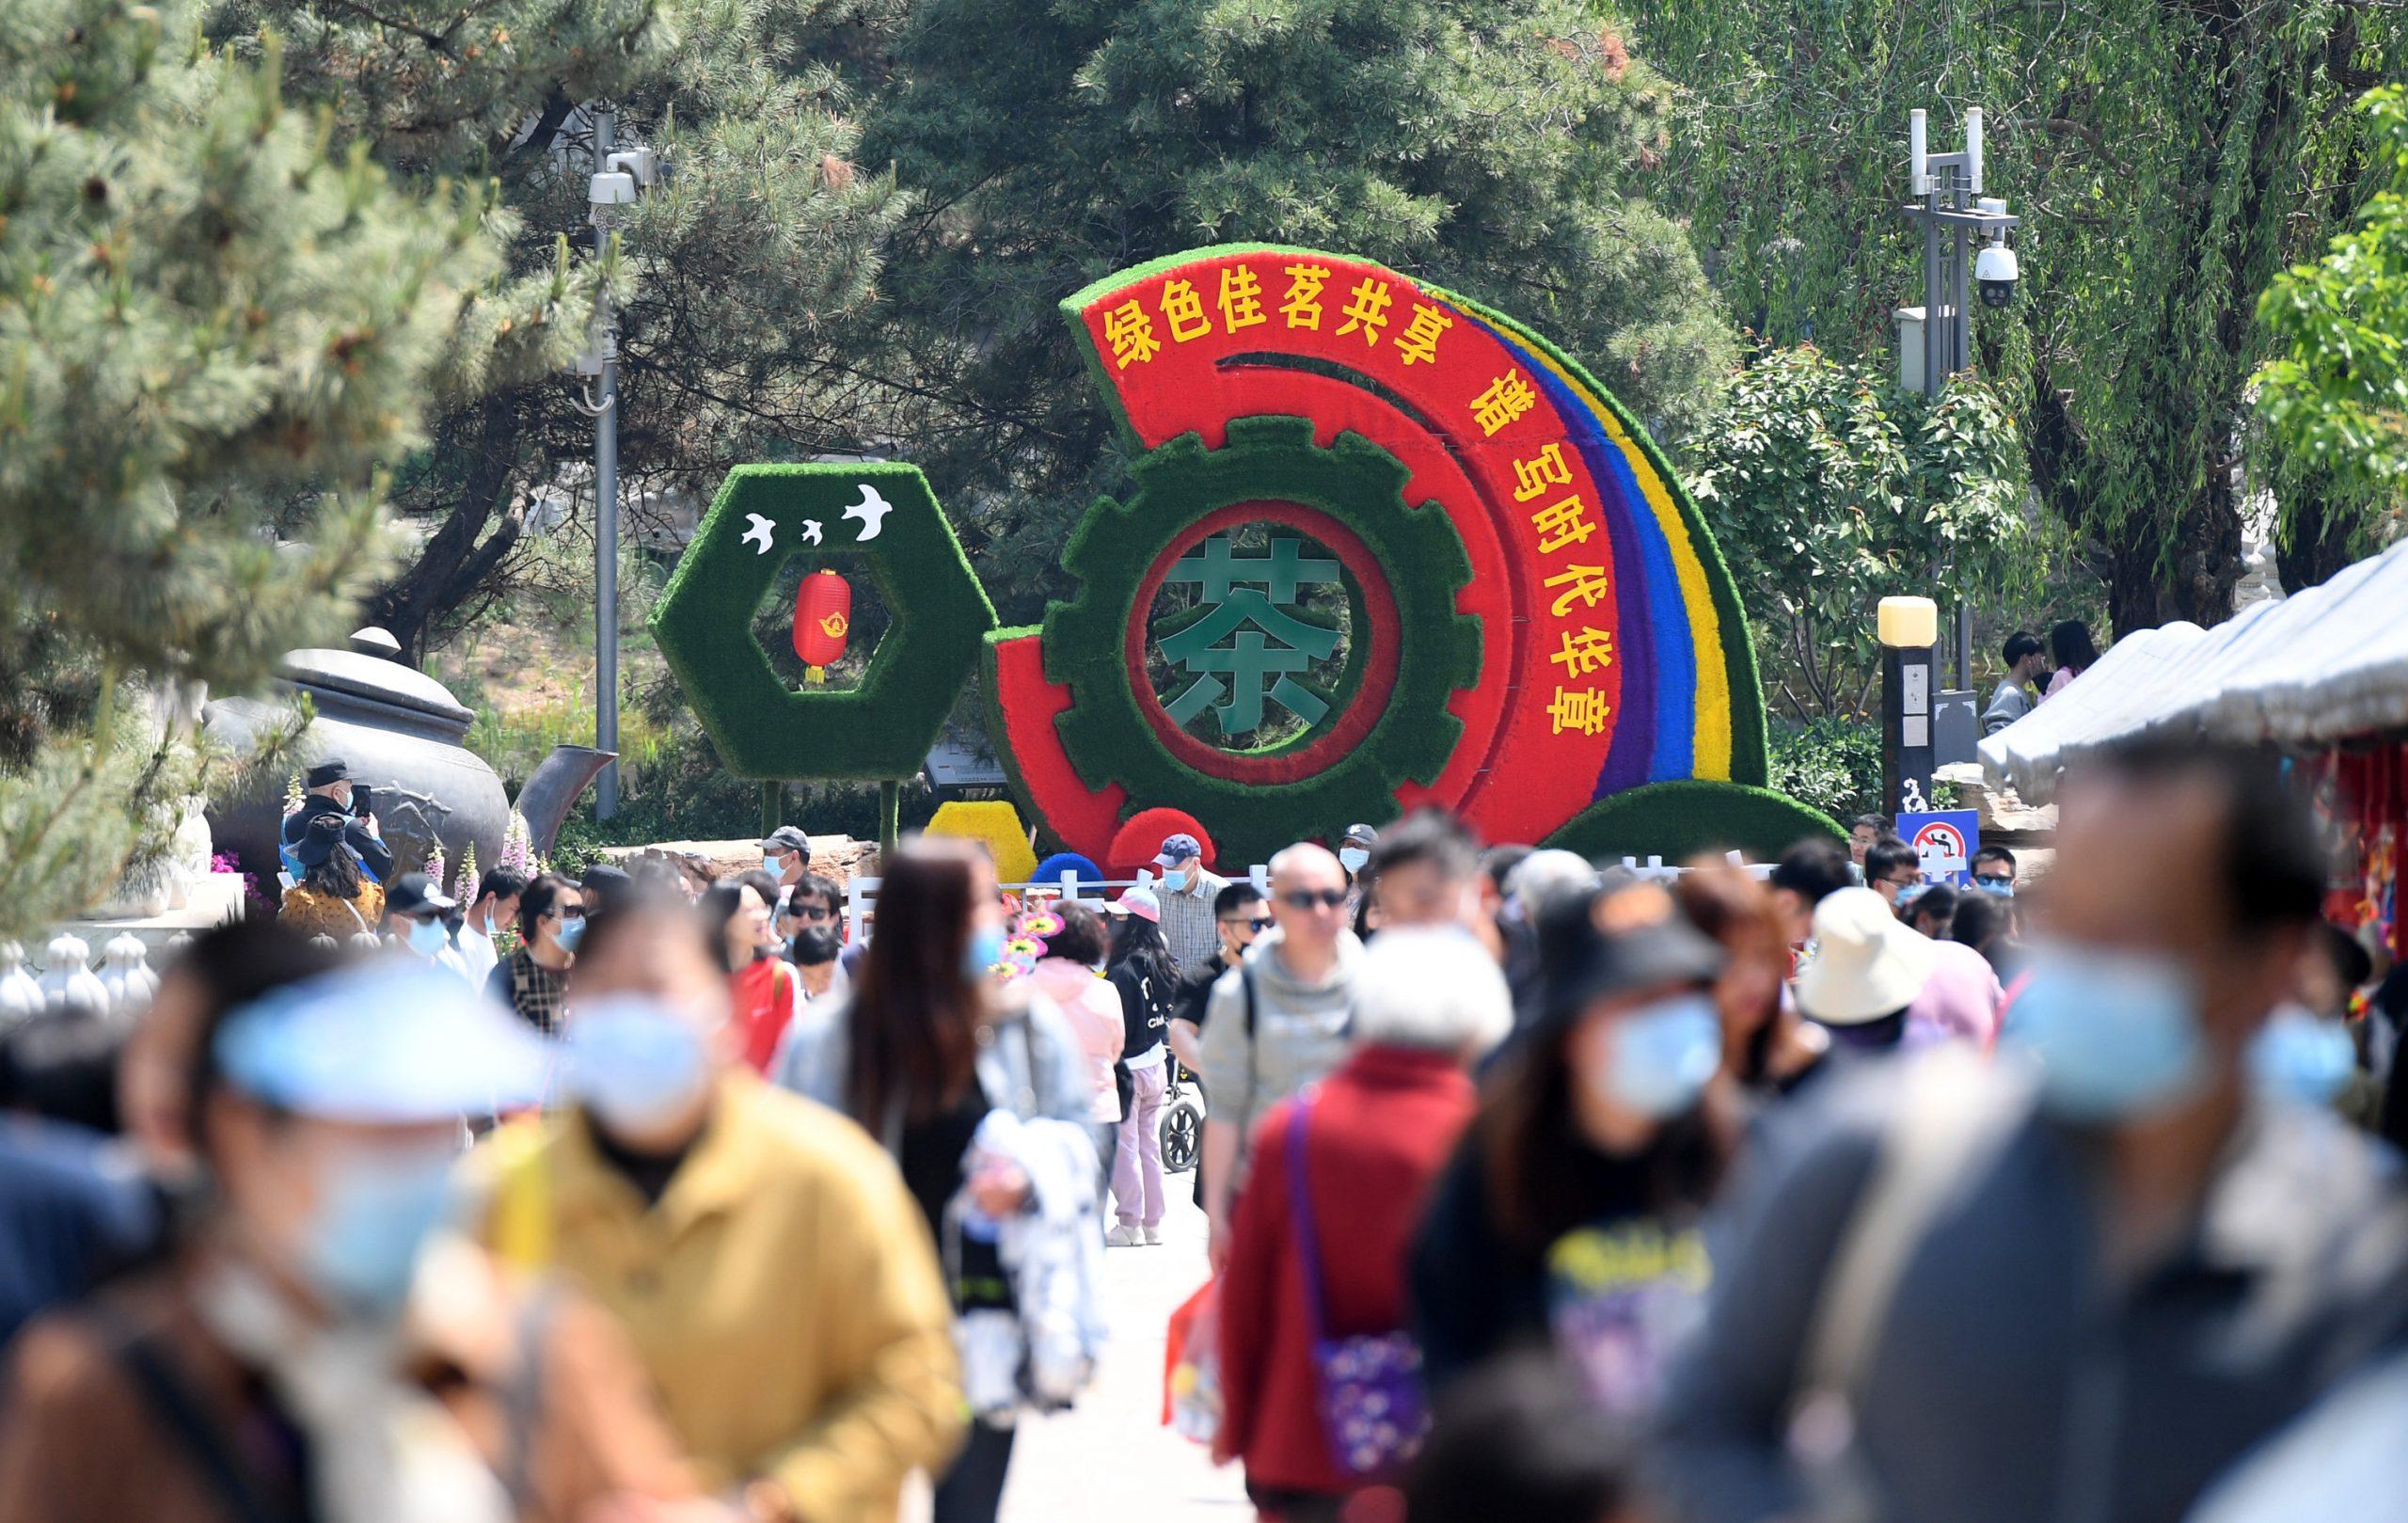 Beijing registra fuerte repunte de turismo en vacaciones de Primero de Mayo